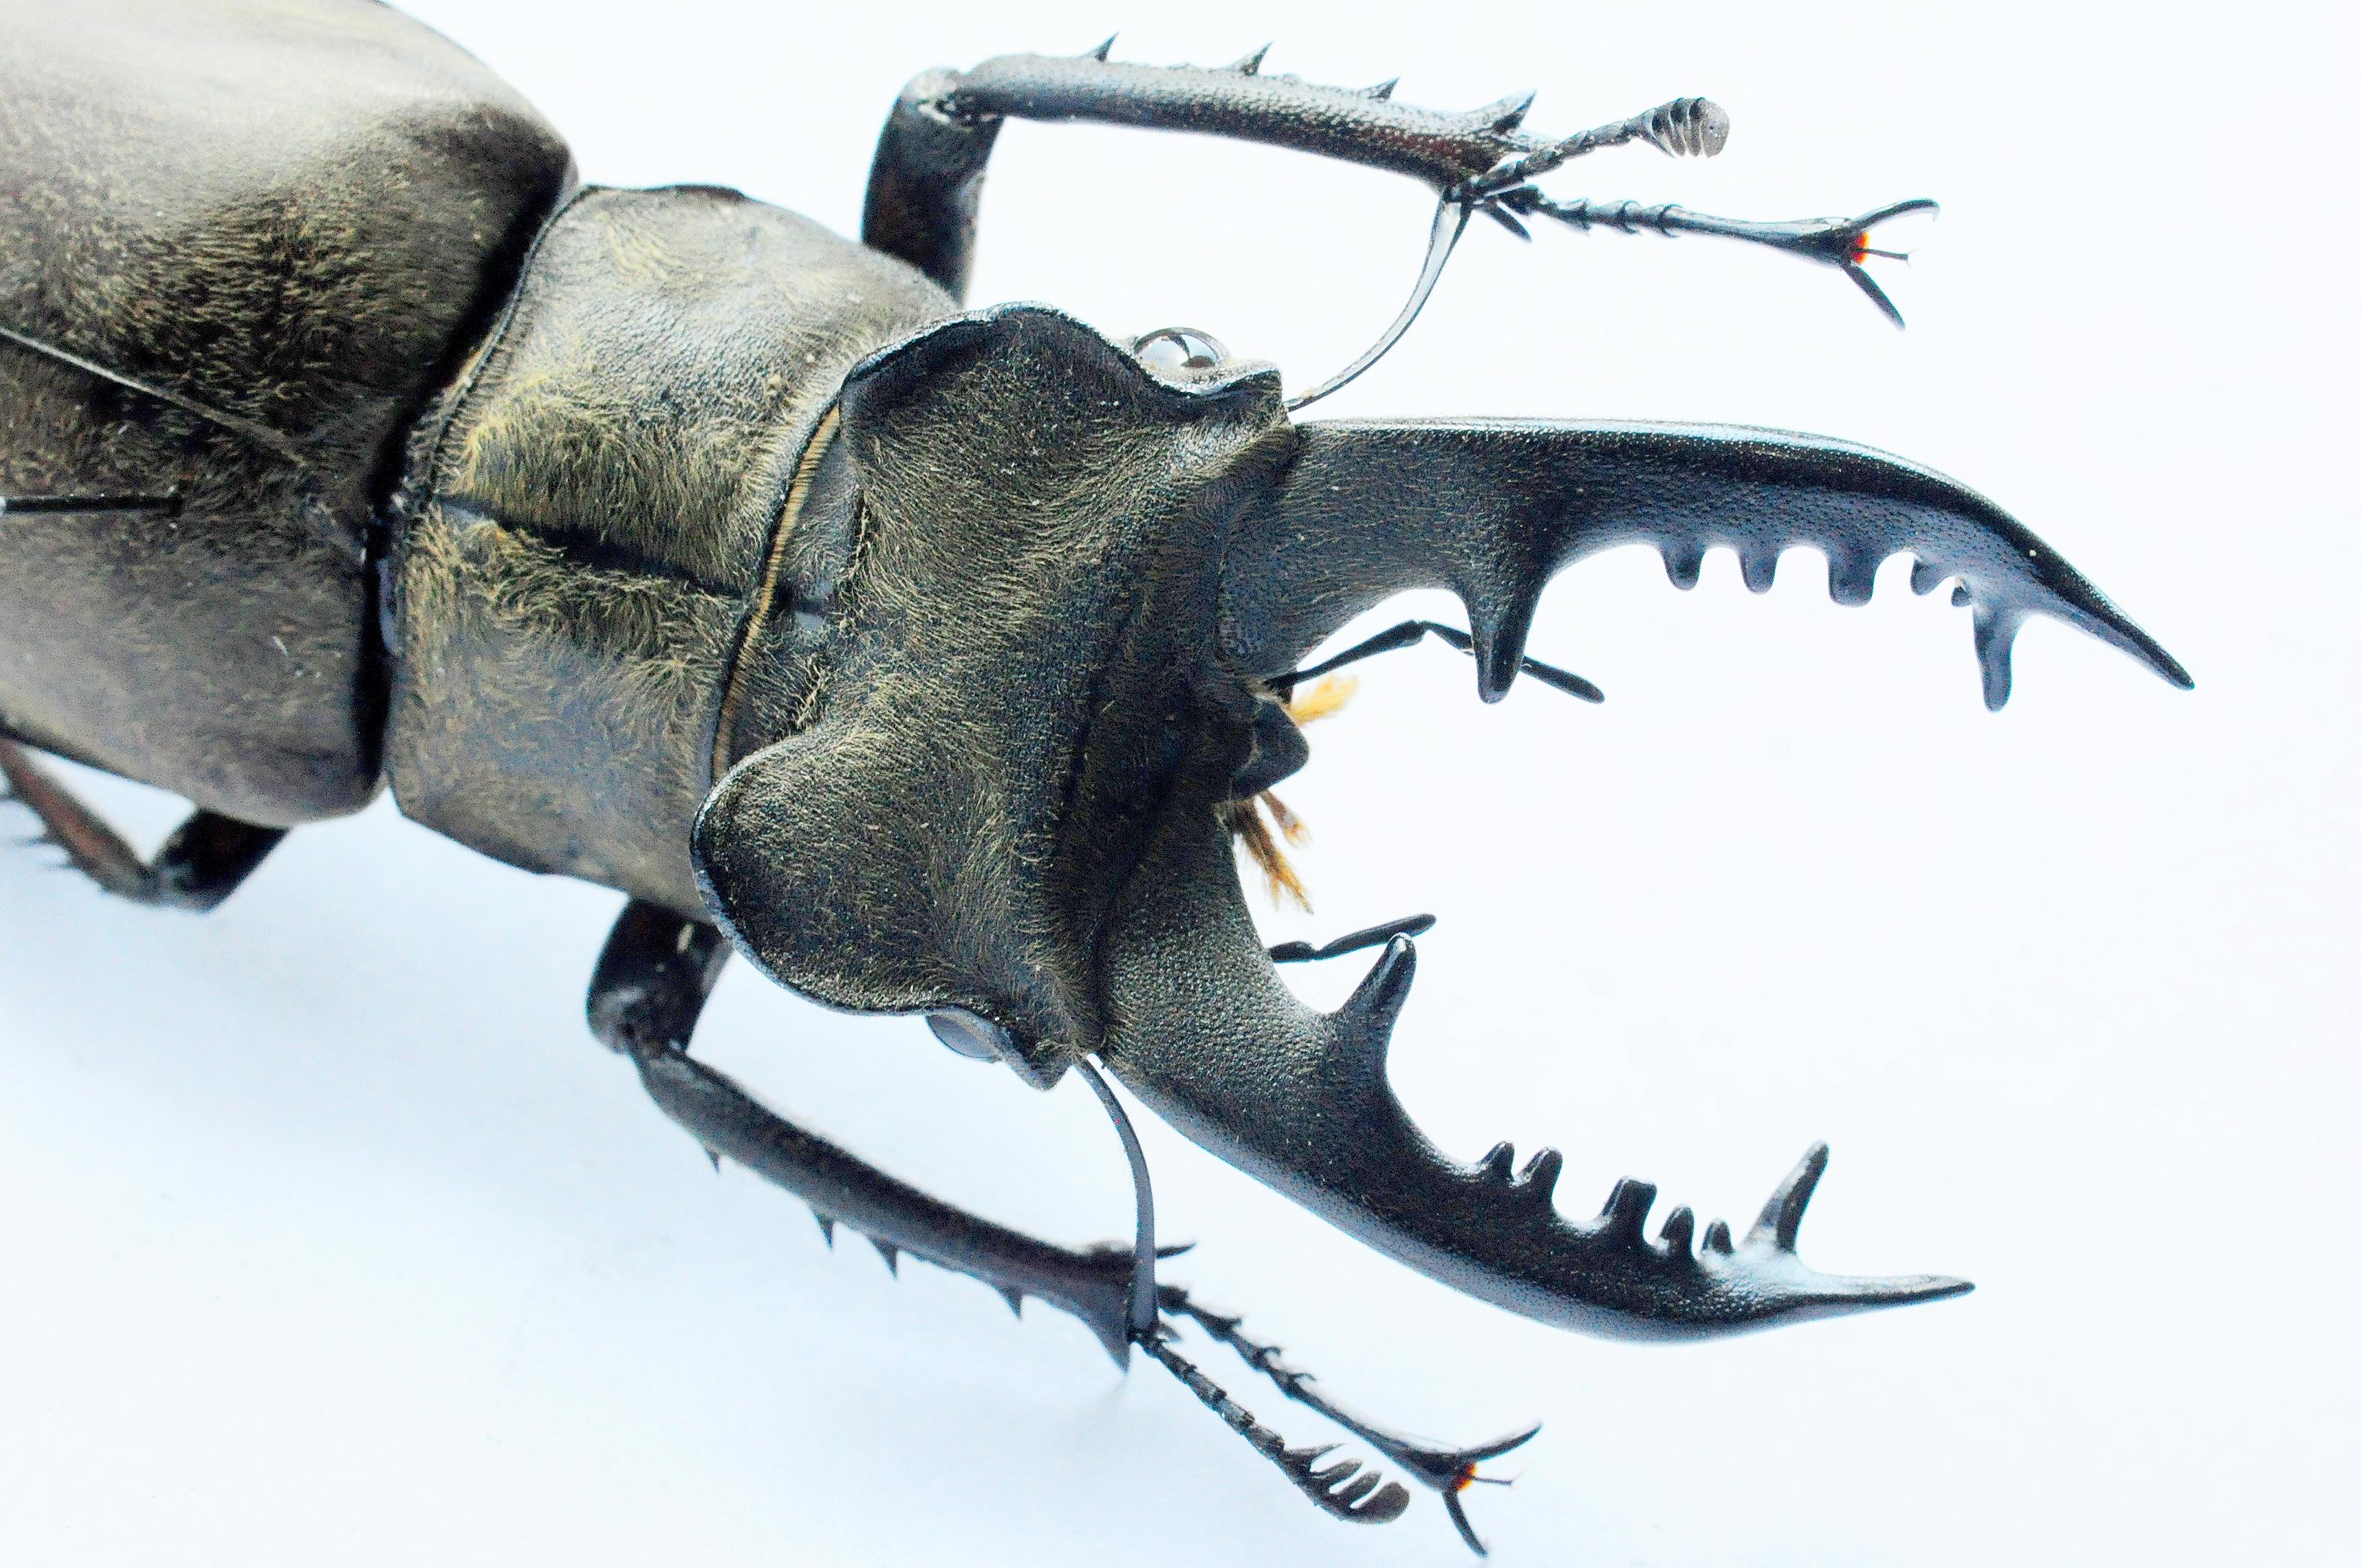 사슴벌레(Lucanusmaculifemoratusdybowski)